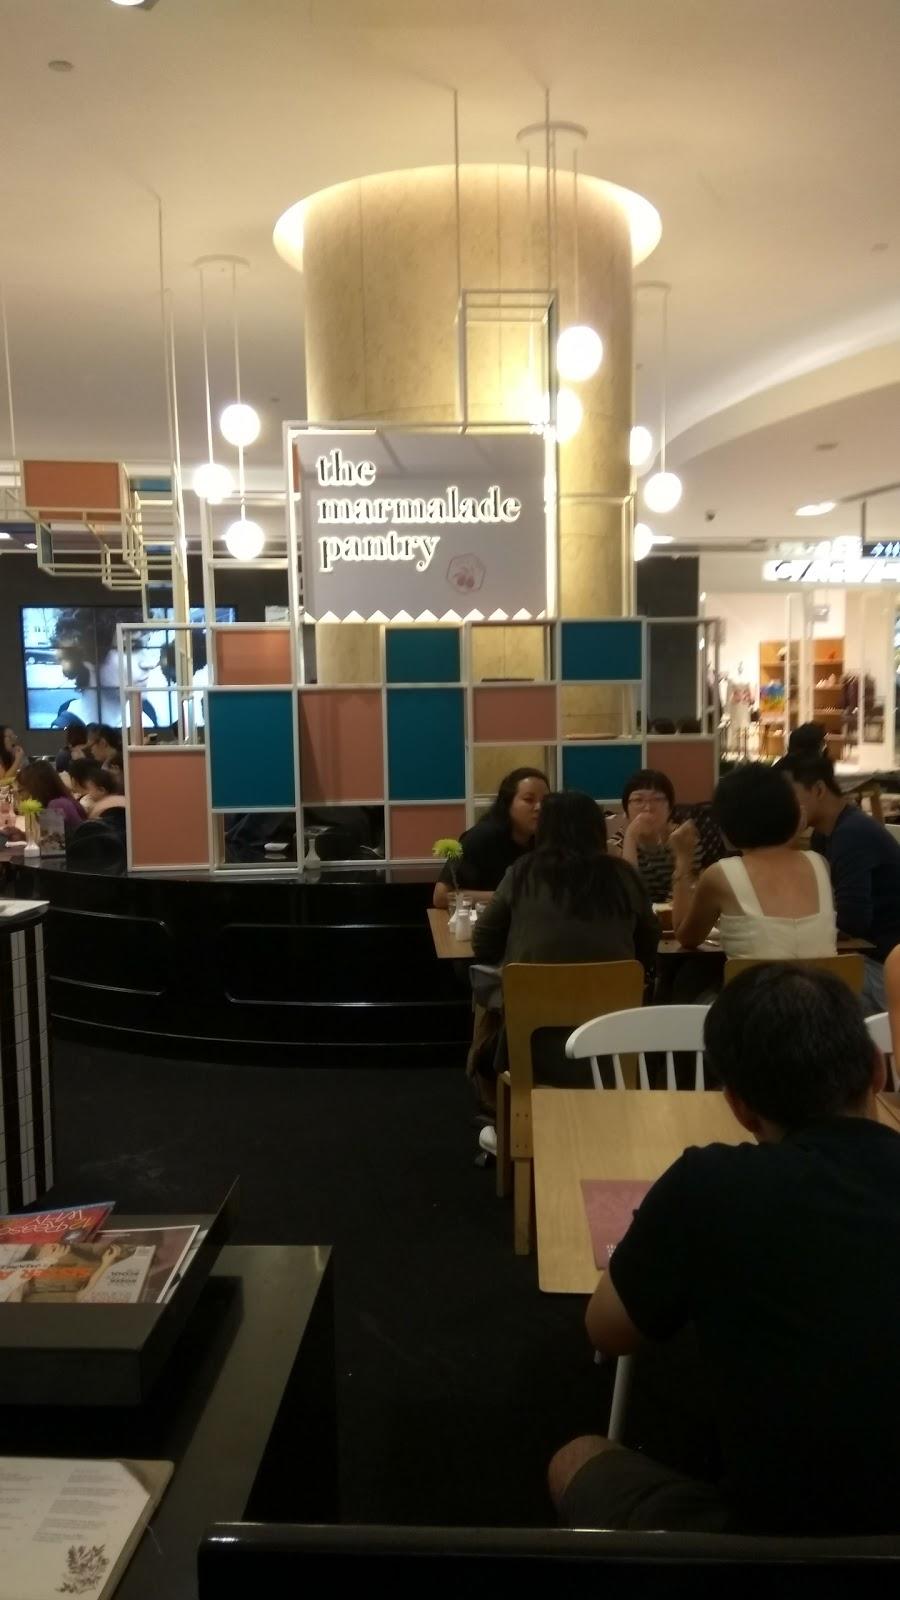 DrYingzangel com: Makan makan at Orchard Road- the Marmalade